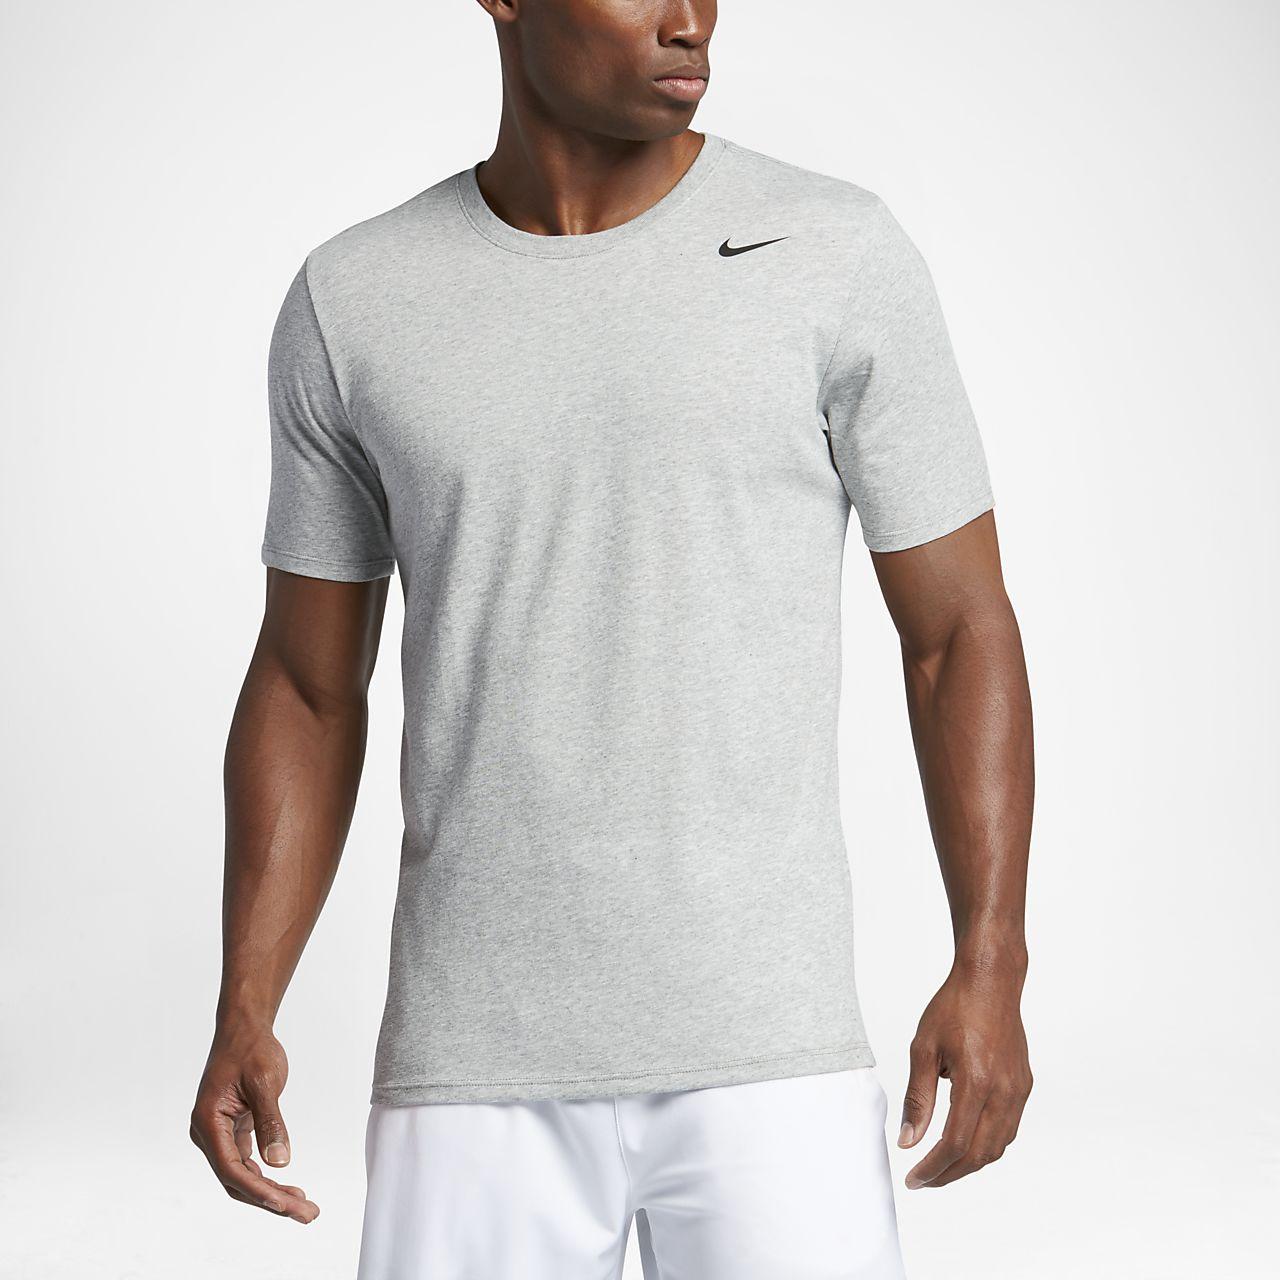 super popular fbb28 b4594 ... Nike Dri-FIT Kurzarm-Trainings-T-Shirt für Herren